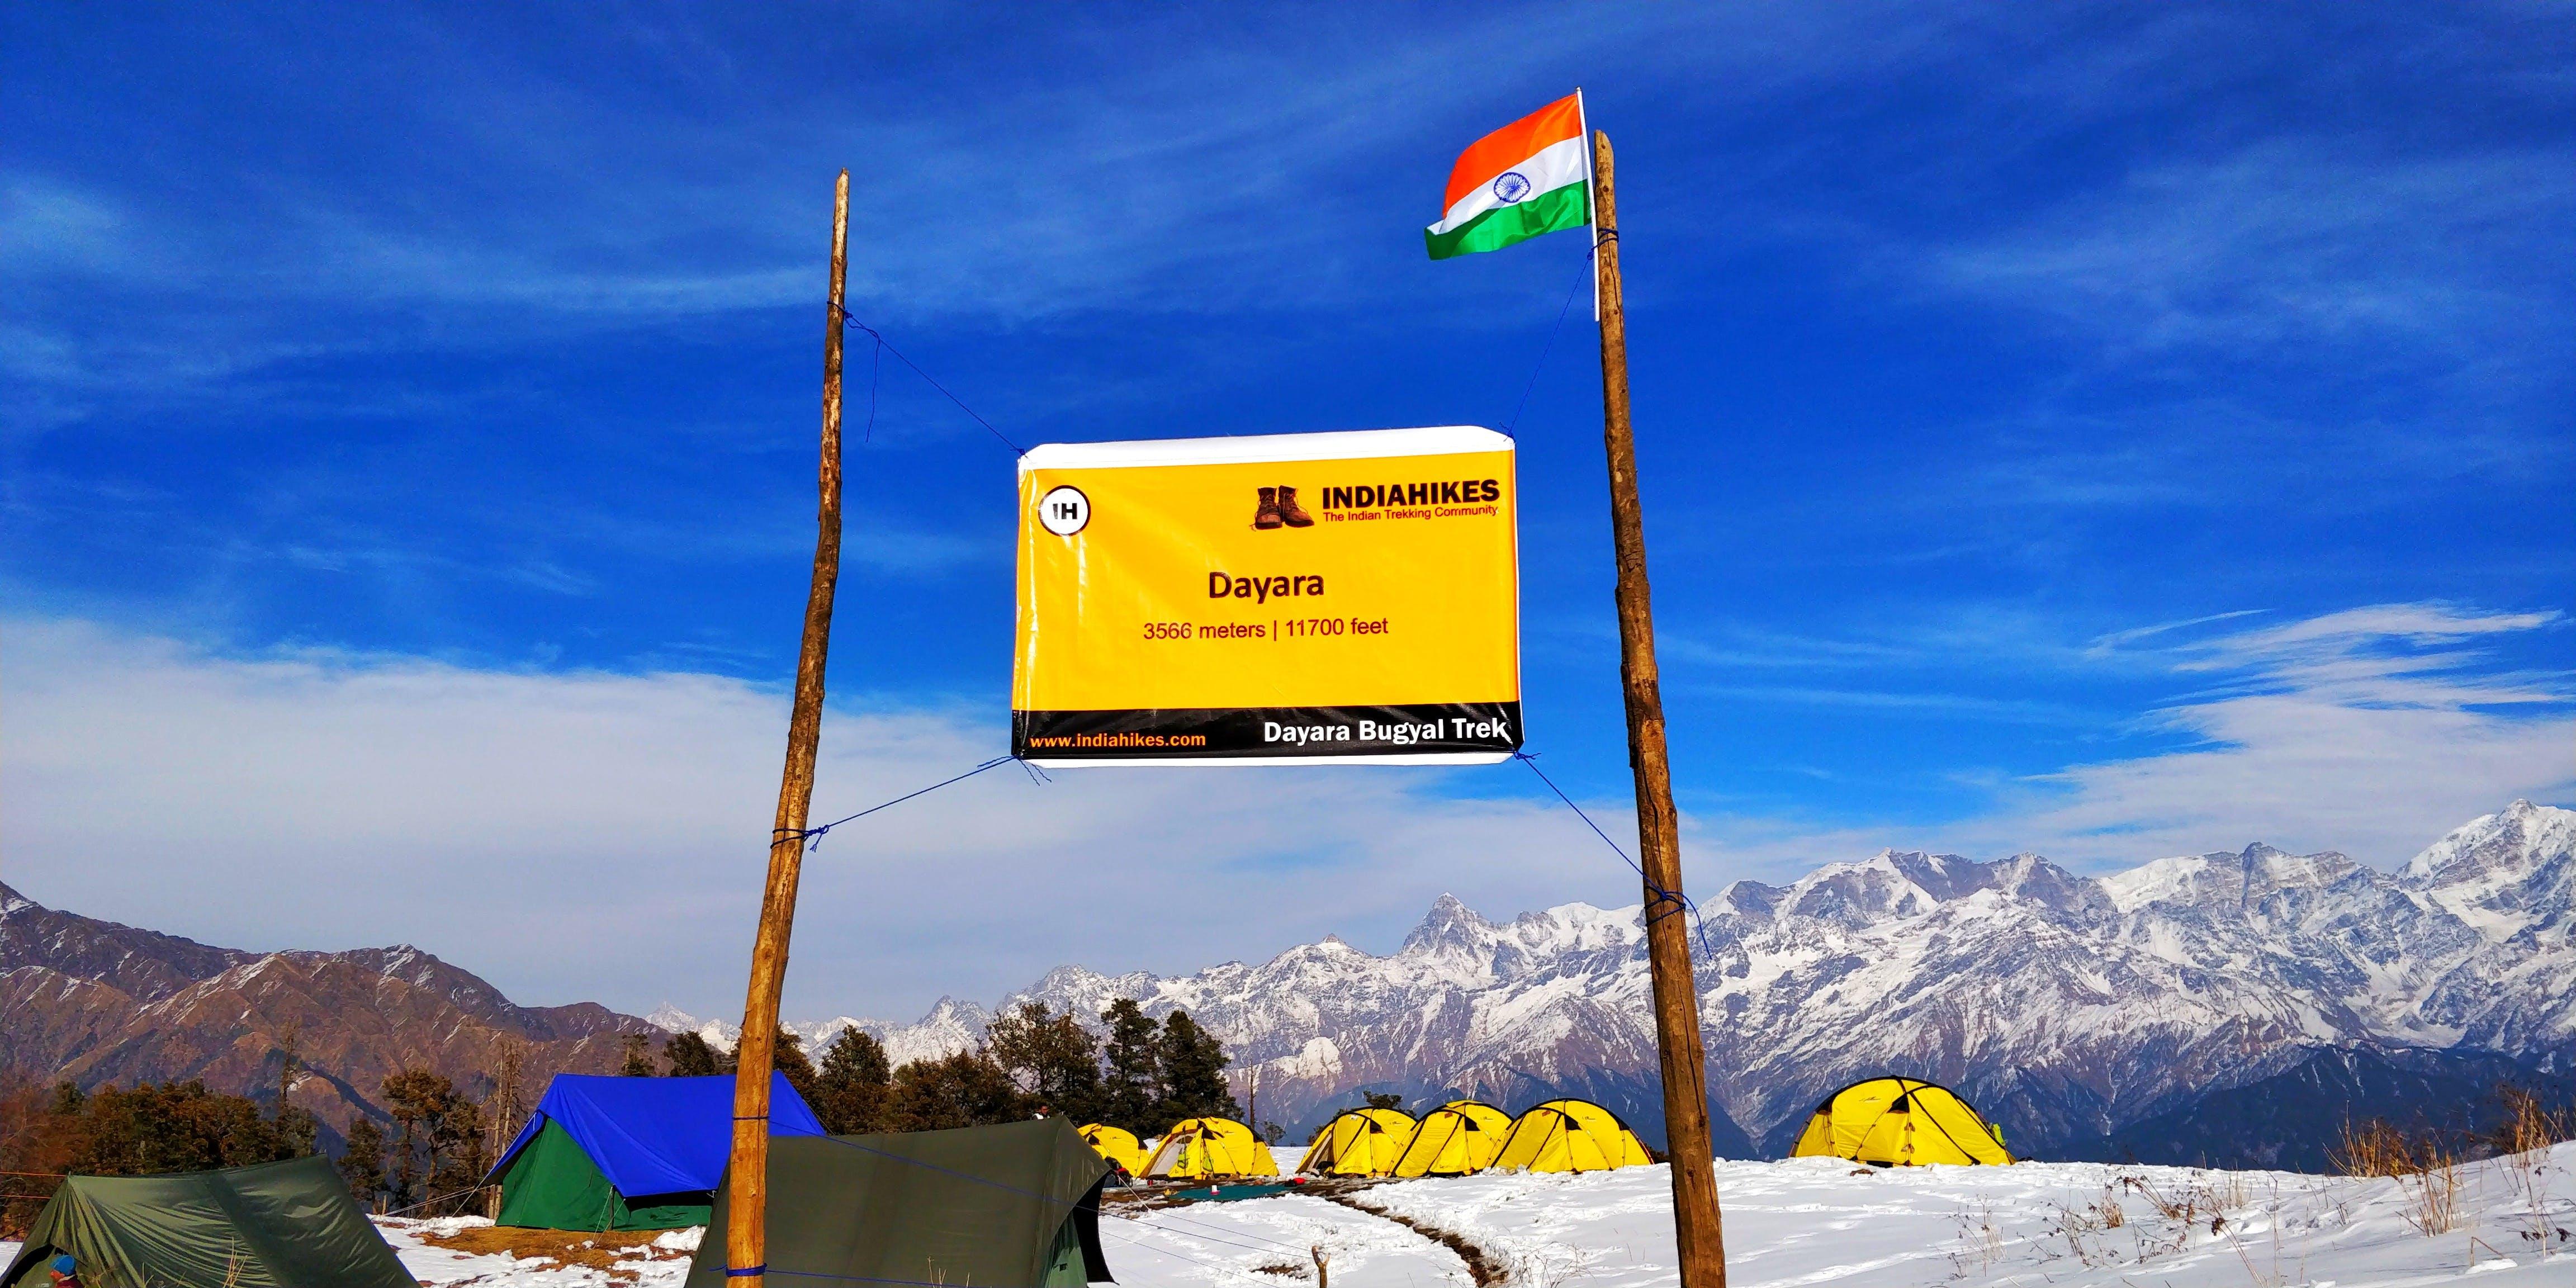 Free stock photo of blue mountains, india, Meili Snow Mountain, trekking